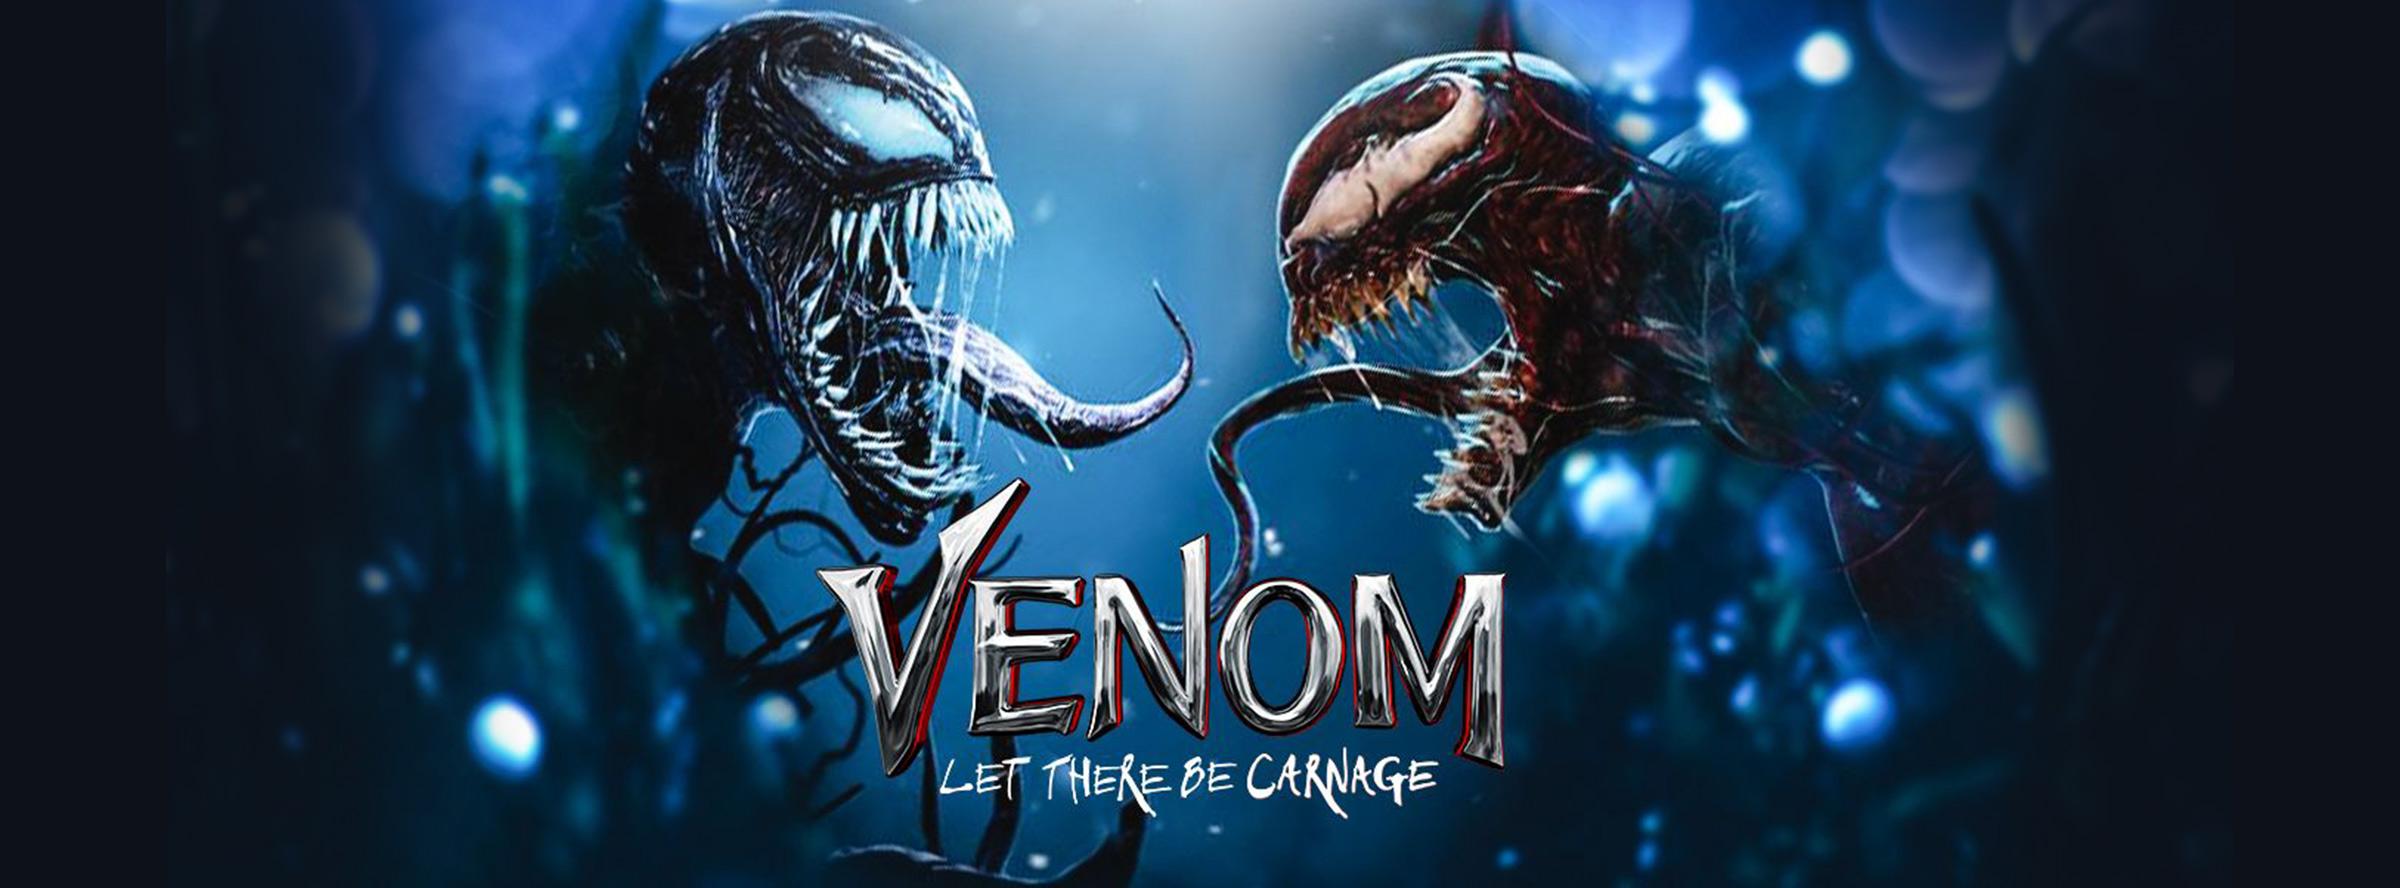 Slider Image for Venom: Let There Be Carnage 3D